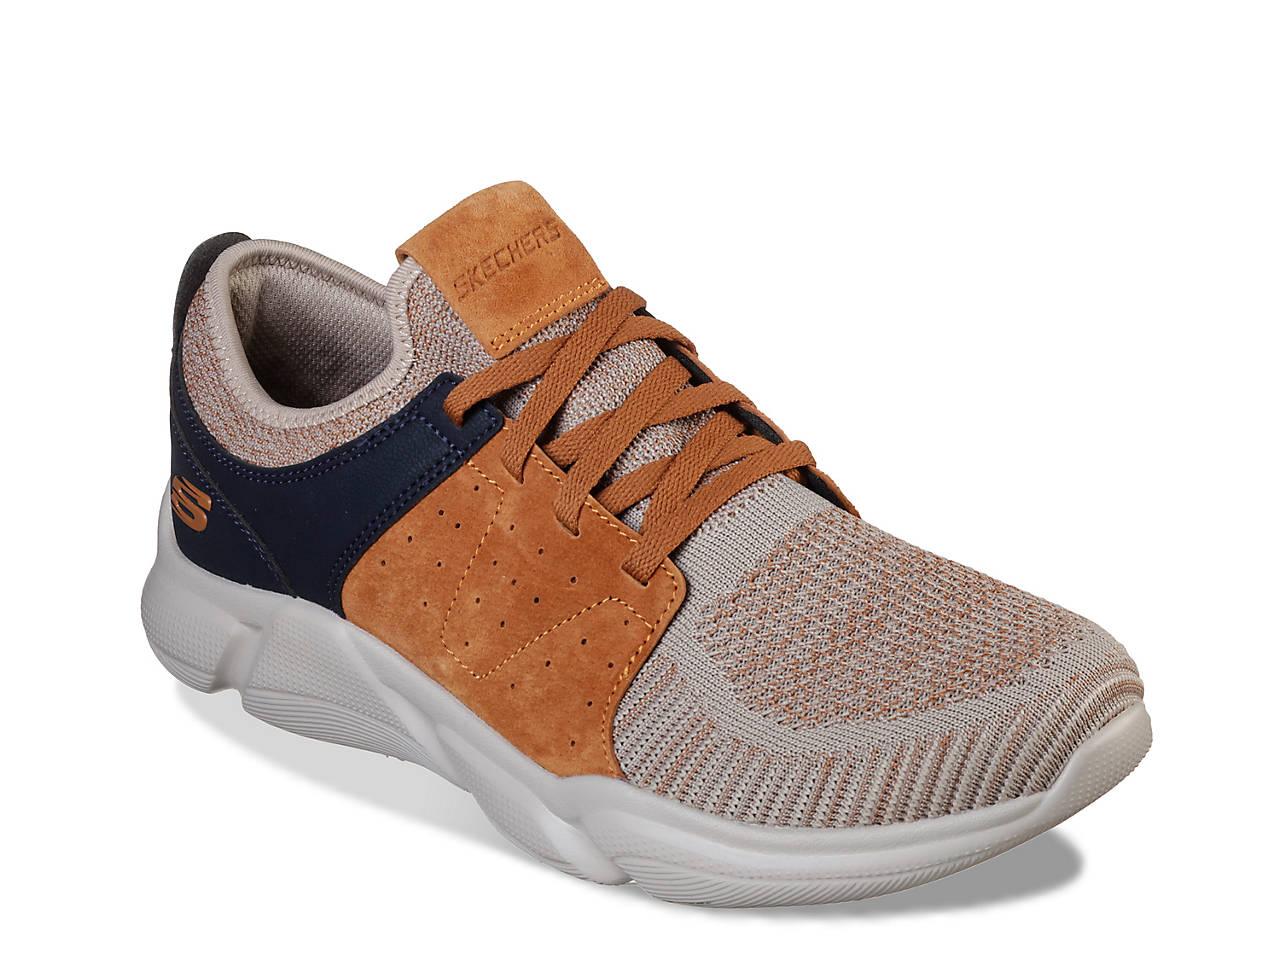 d41085d206b5 Skechers Sport Drafter-Wellmont Sneaker - Men s Men s Shoes